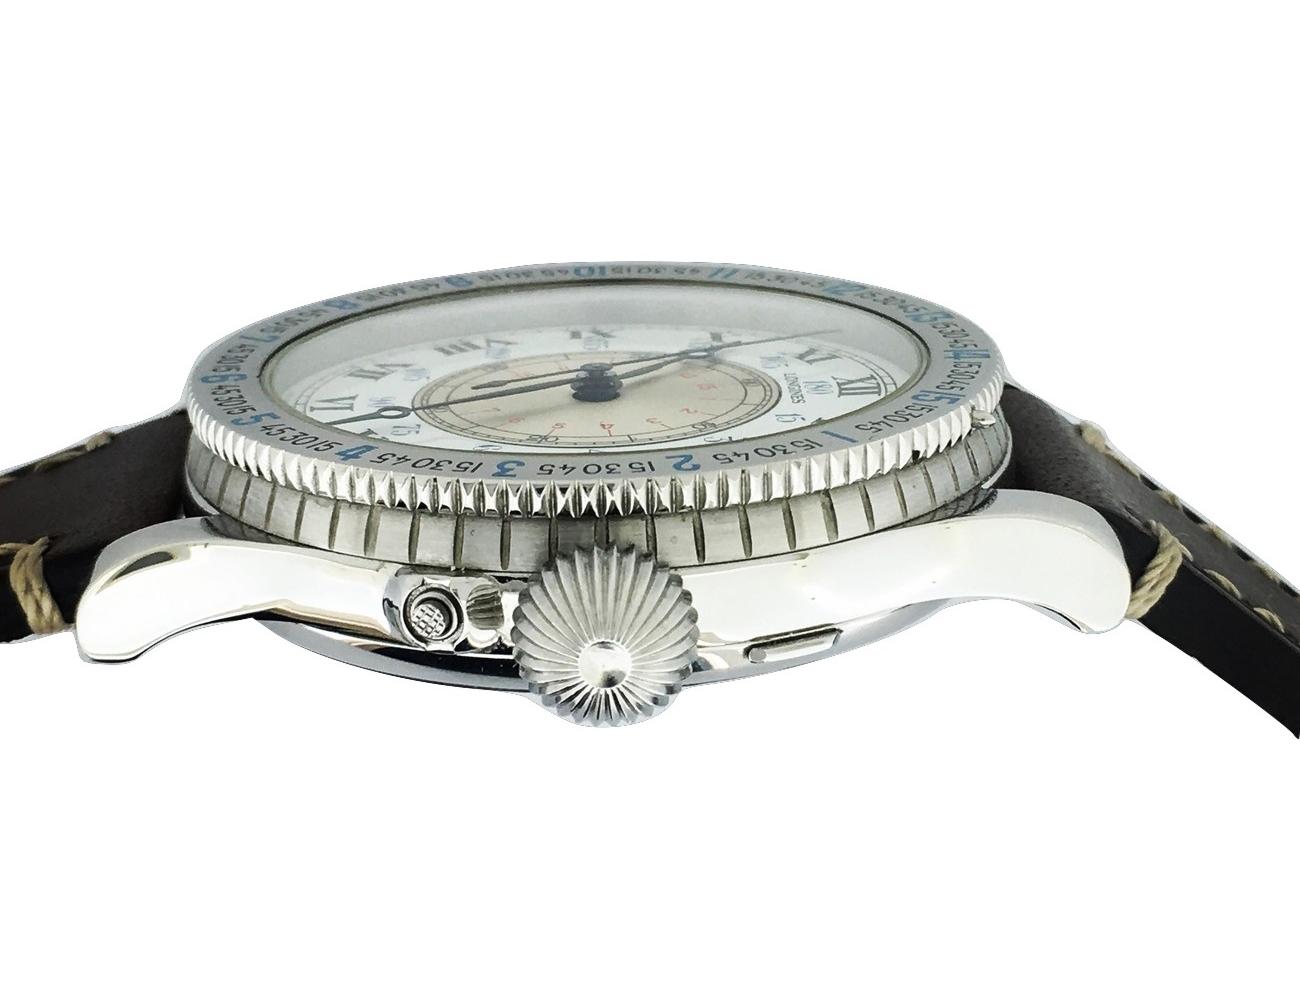 Montre occasion Longines Lindbergh 47mm Edition limitée Mécanique.